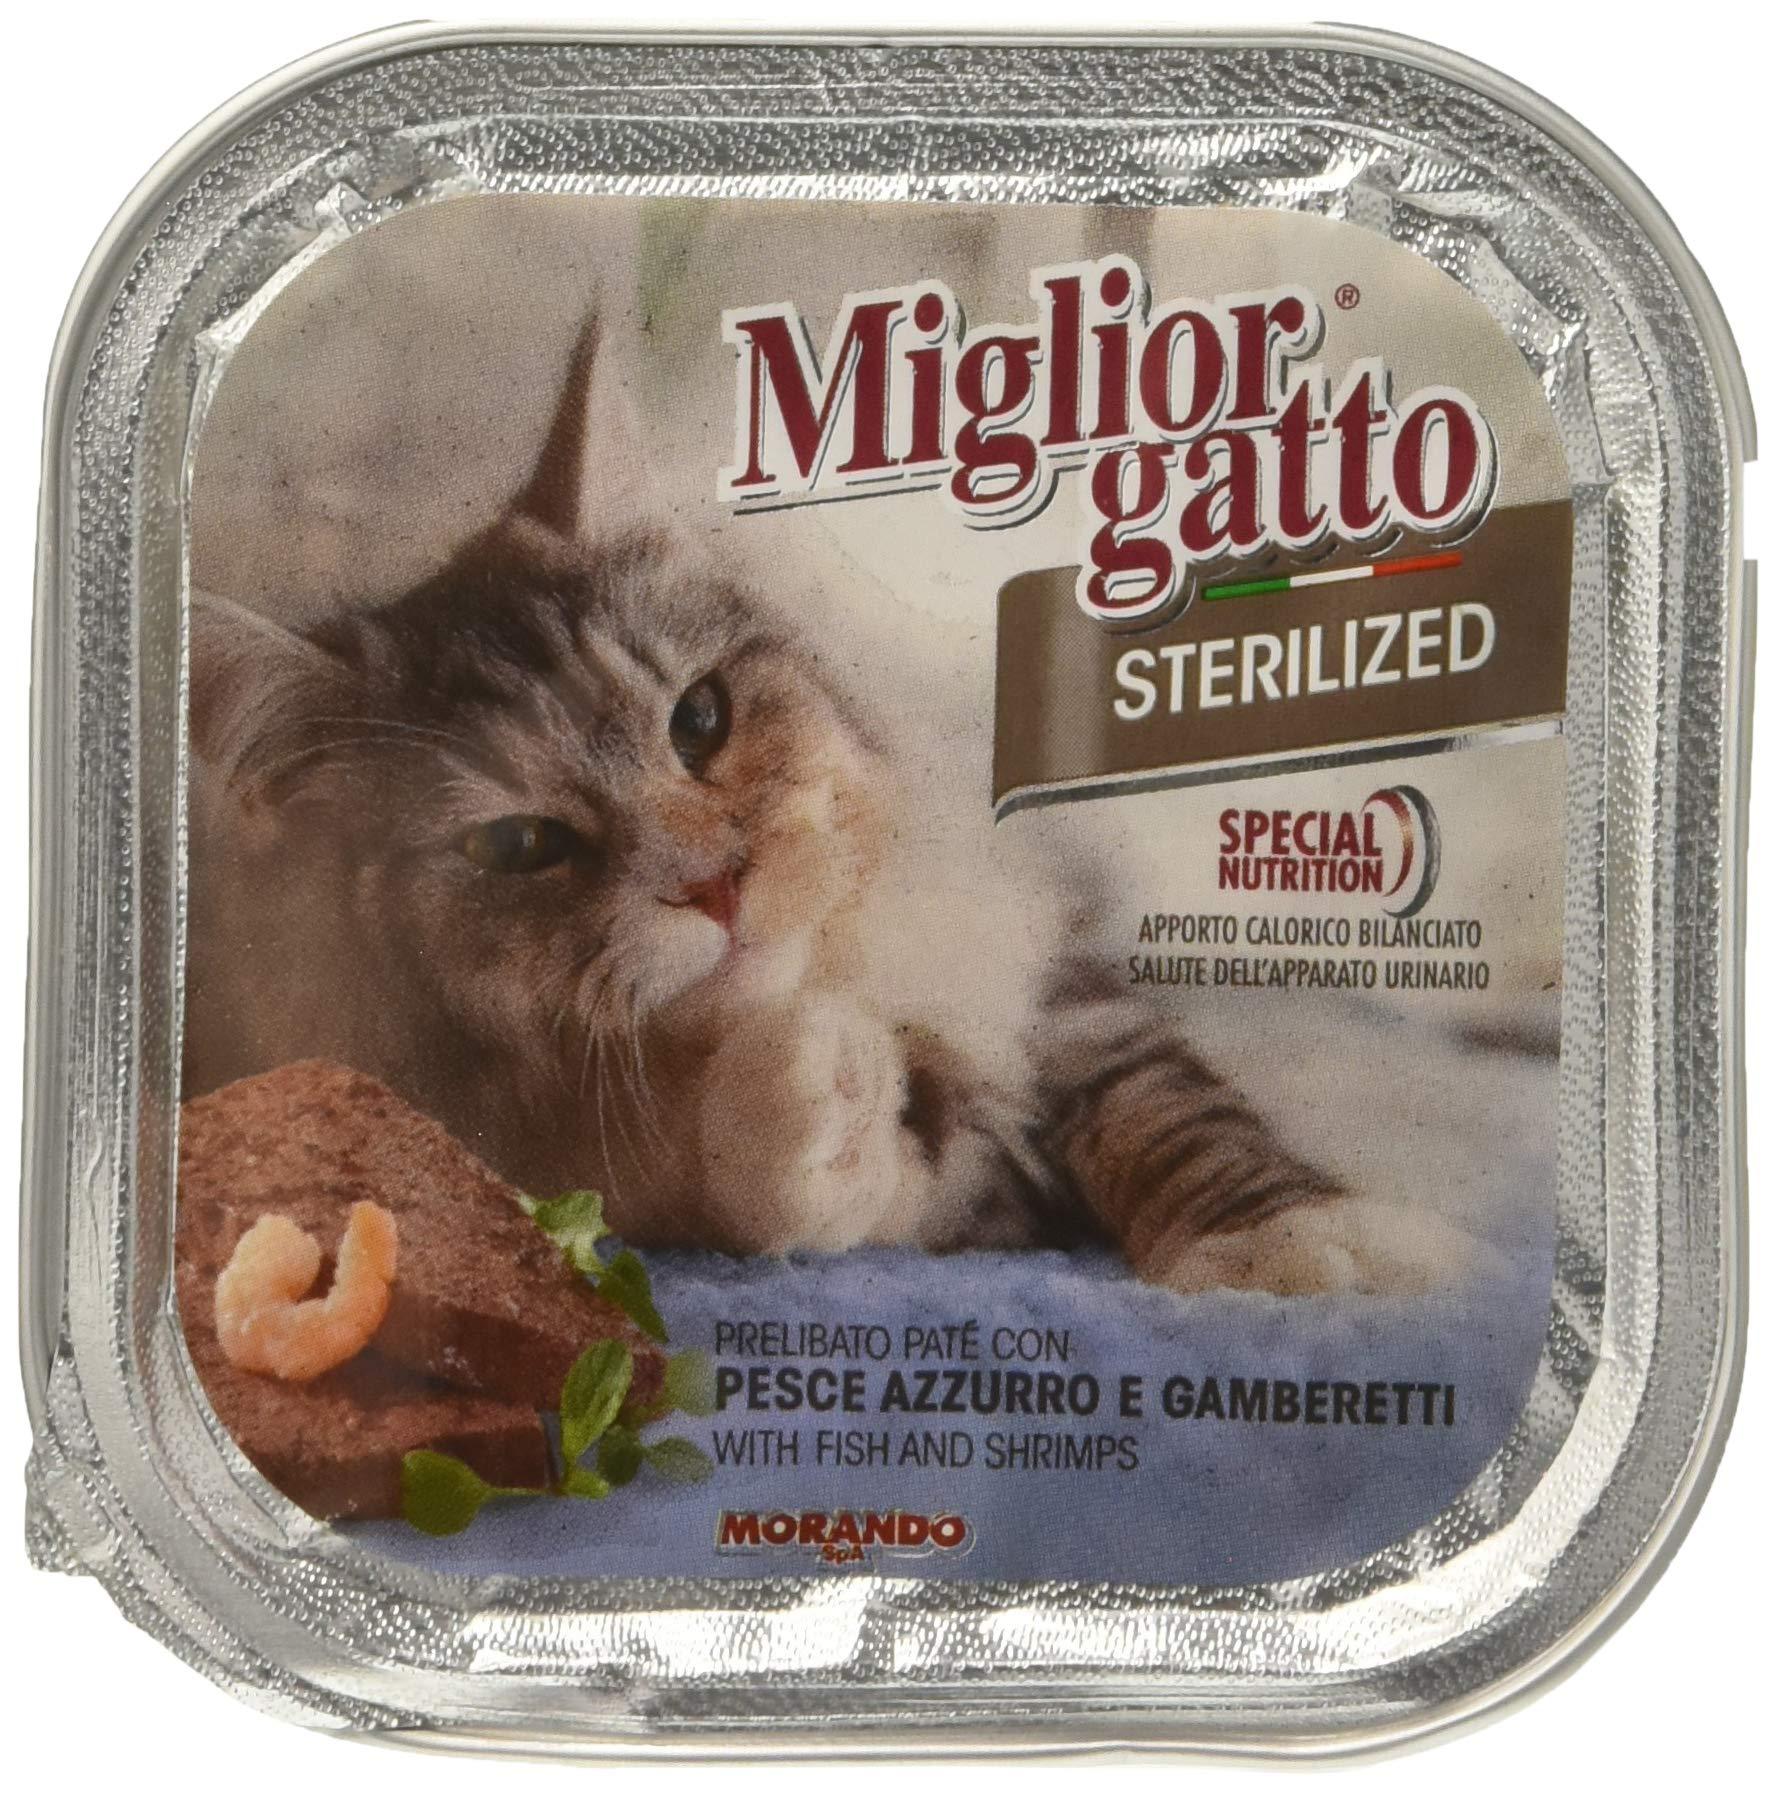 miglior cibo per gatti per il controllo del peso